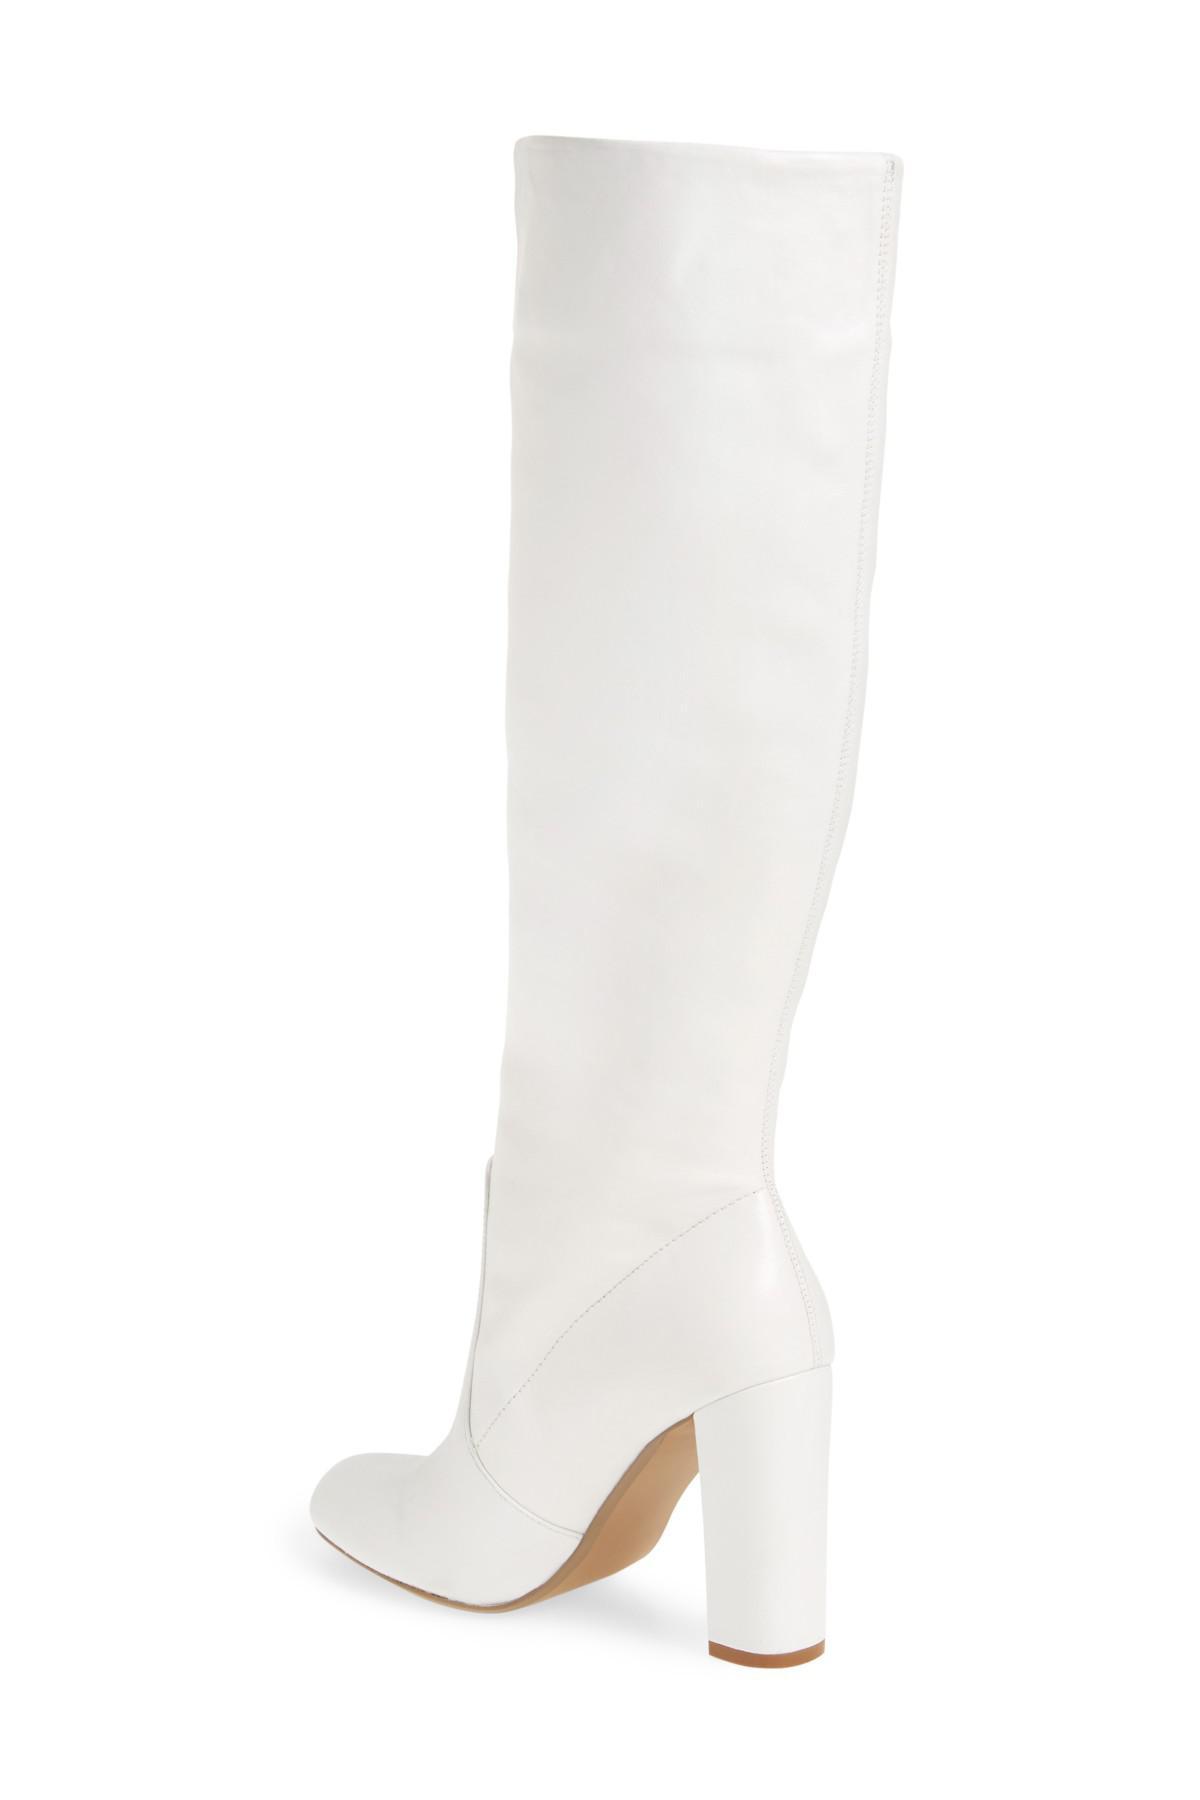 54c2afcdd59 Lyst - Steve Madden Steven Madden Eton Boot in White